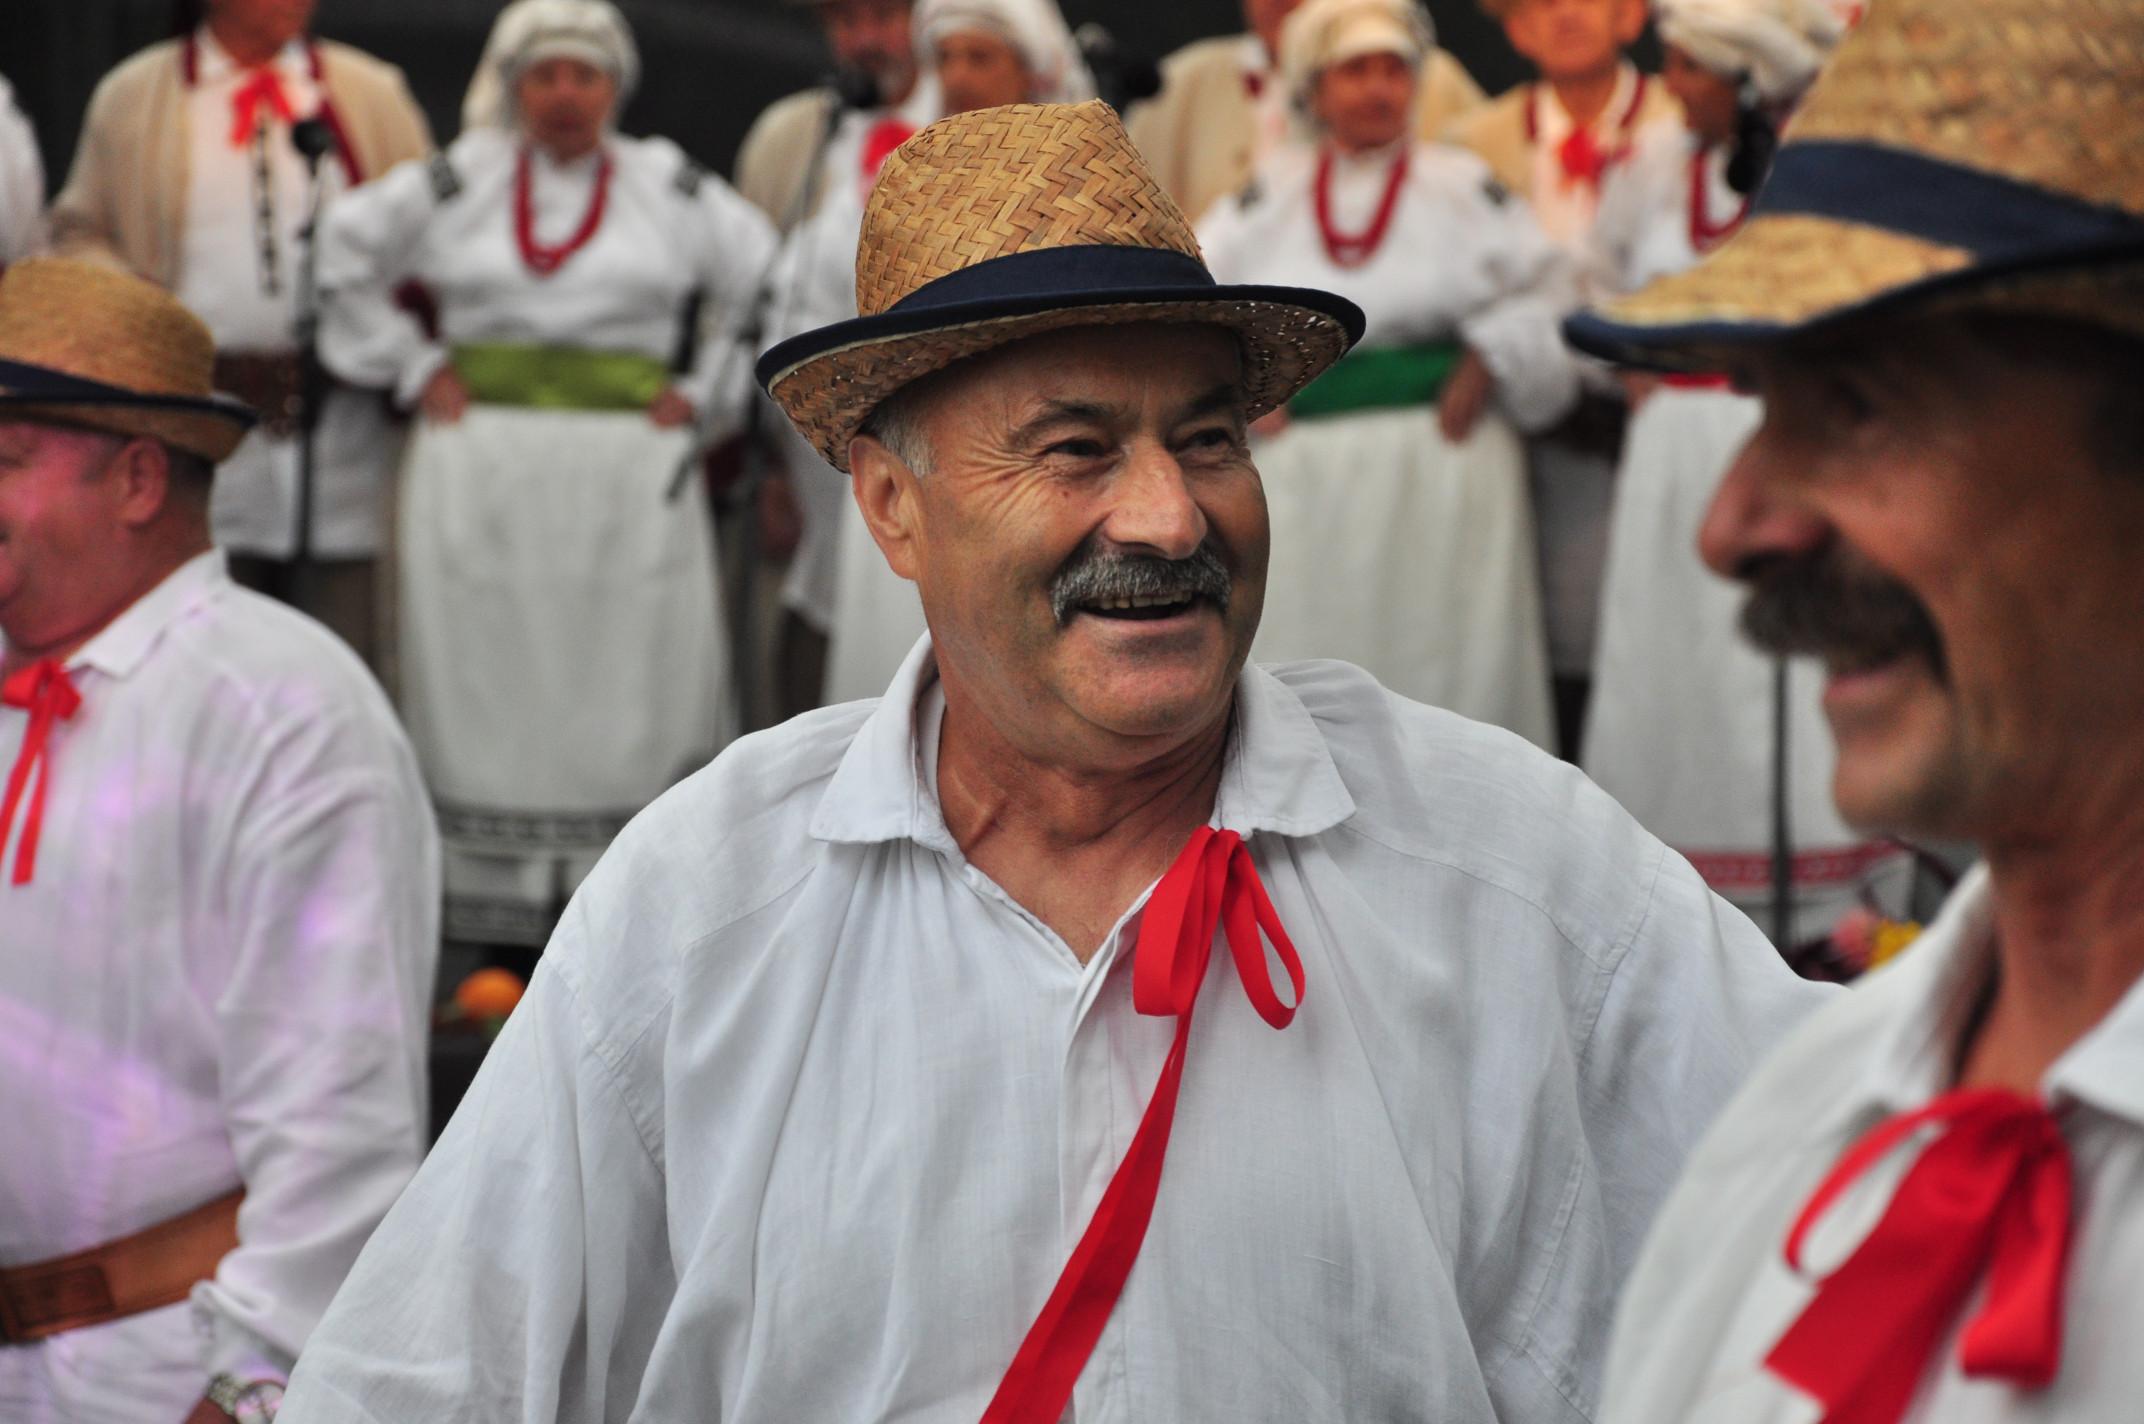 W niedzielę, 23 września w Kolbuszowej Górnej odbyła się coroczna impreza - Lasowiackie Zimioki. Zobaczcie zdjęcia - Zdjęcie główne